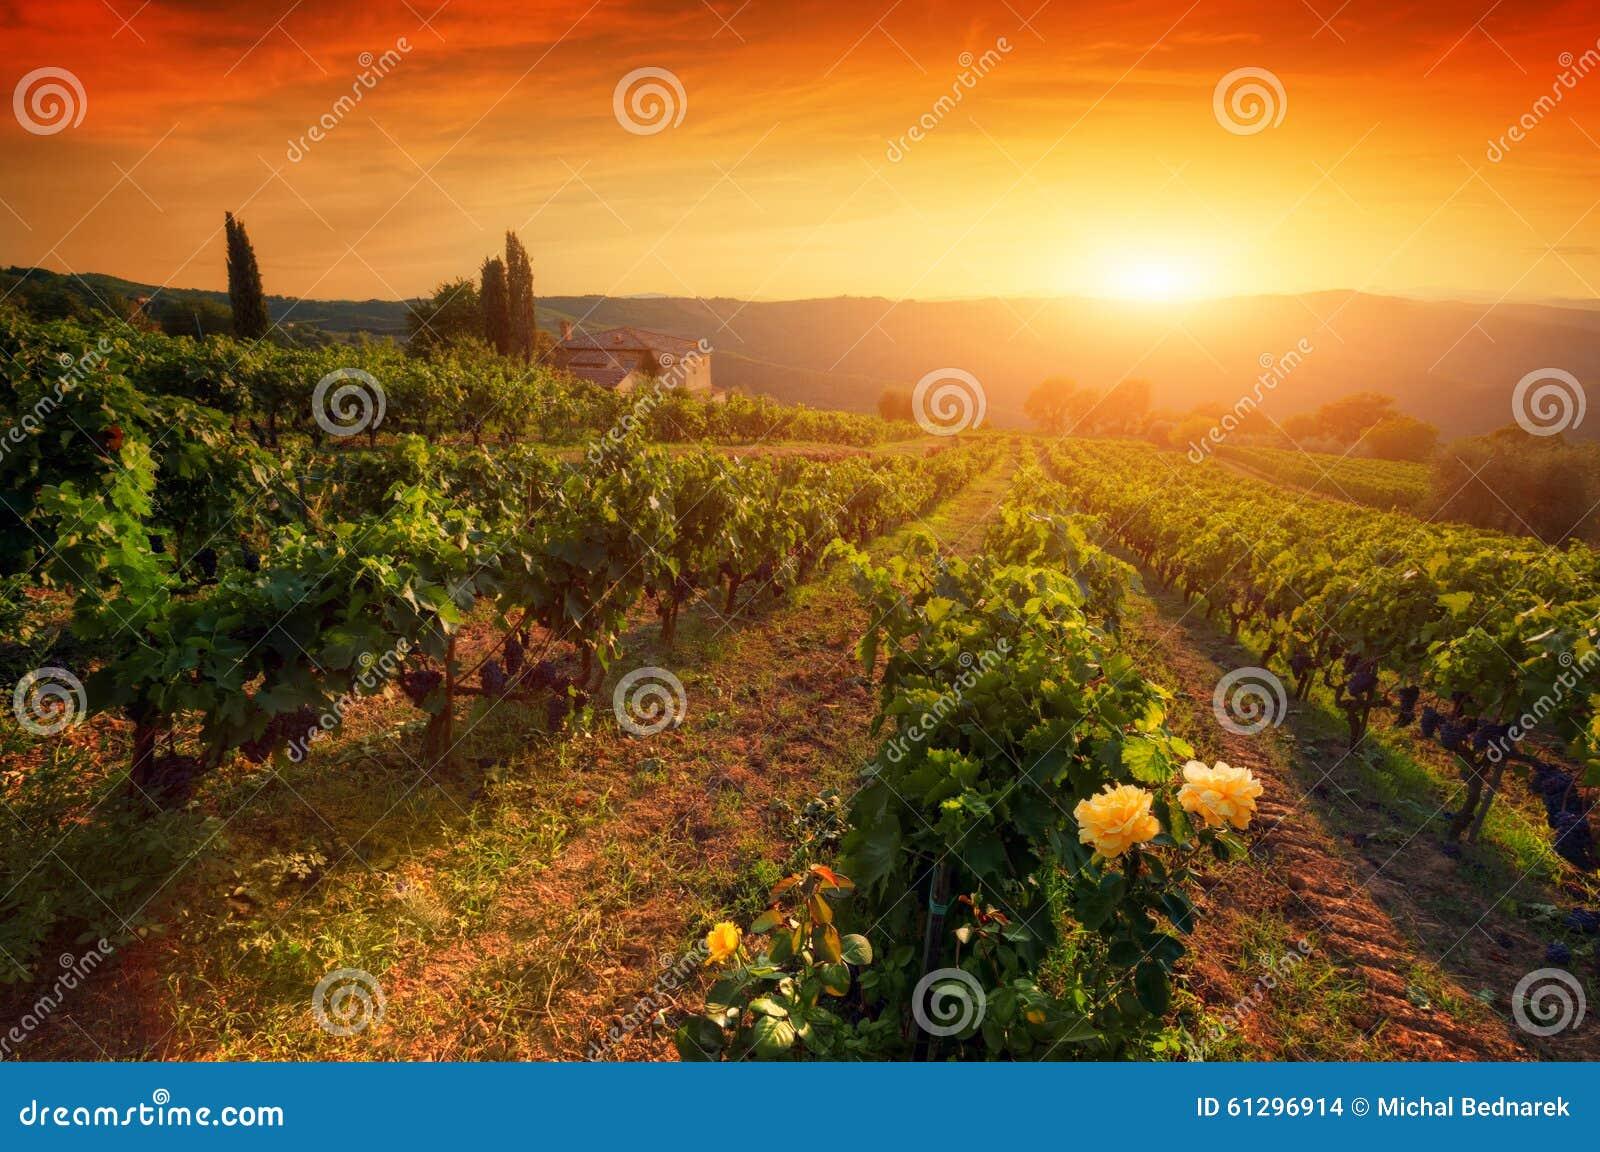 Ώριμα σταφύλια κρασιού στις αμπέλους στην Τοσκάνη, Ιταλία Αγρόκτημα κρασιού, θερμό φως ηλιοβασιλέματος